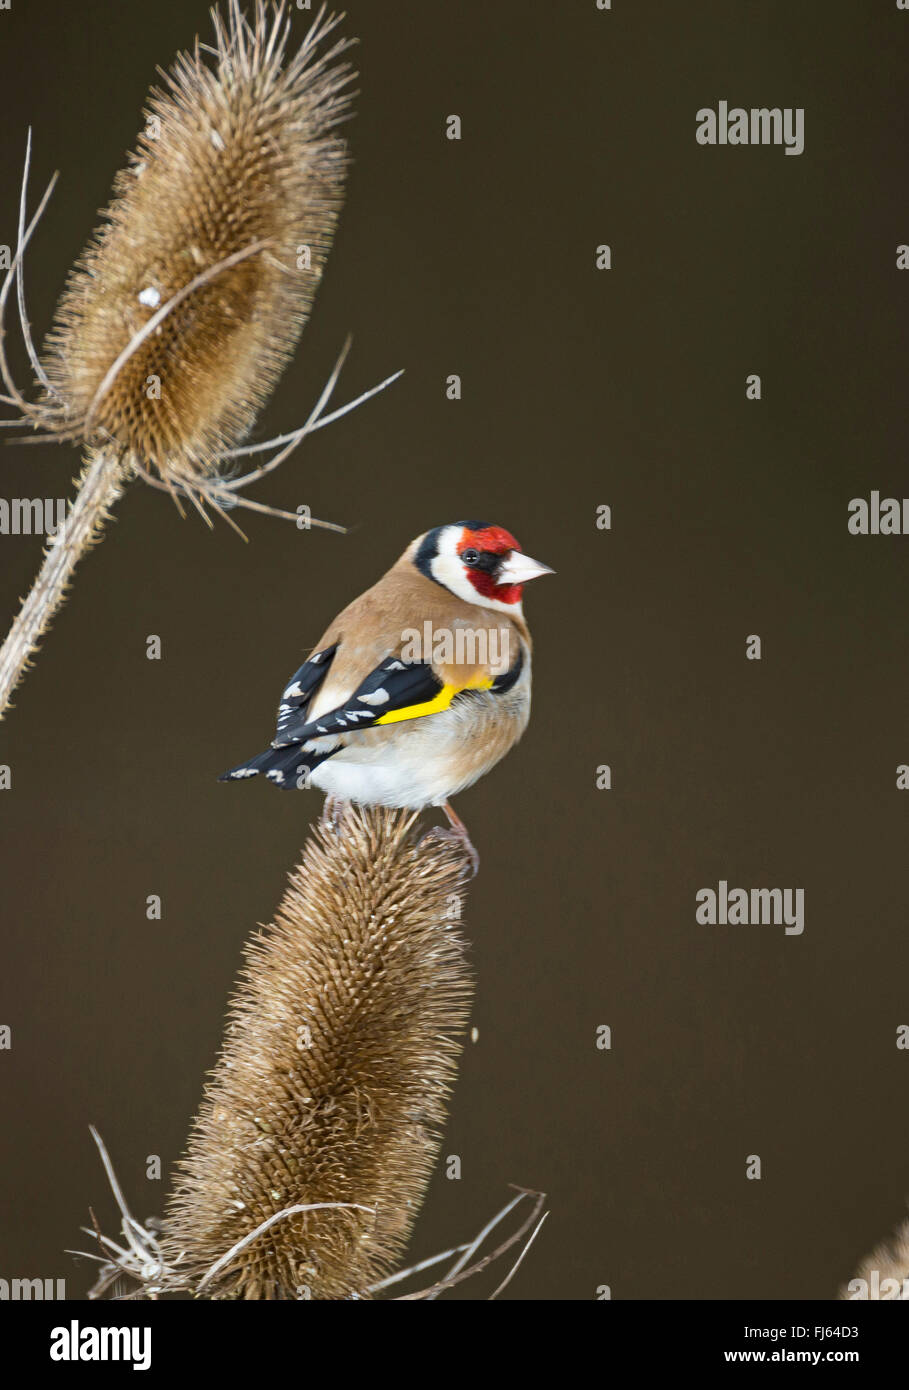 Eurasian goldfinch (Carduelis carduelis), sitting on infructescence of teazle, Germany Stock Photo